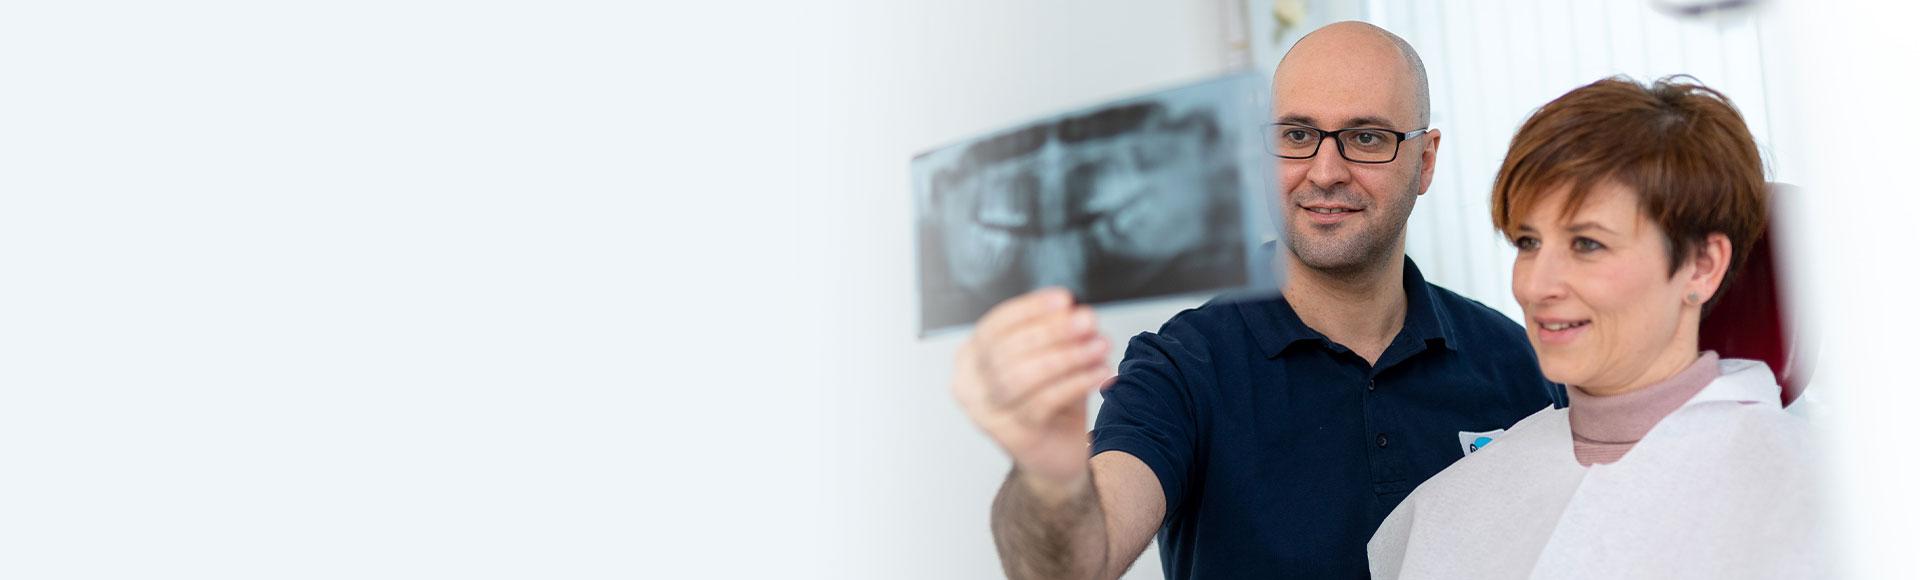 regelmäßige Kontroll Untersuchung für gesunde Zähne